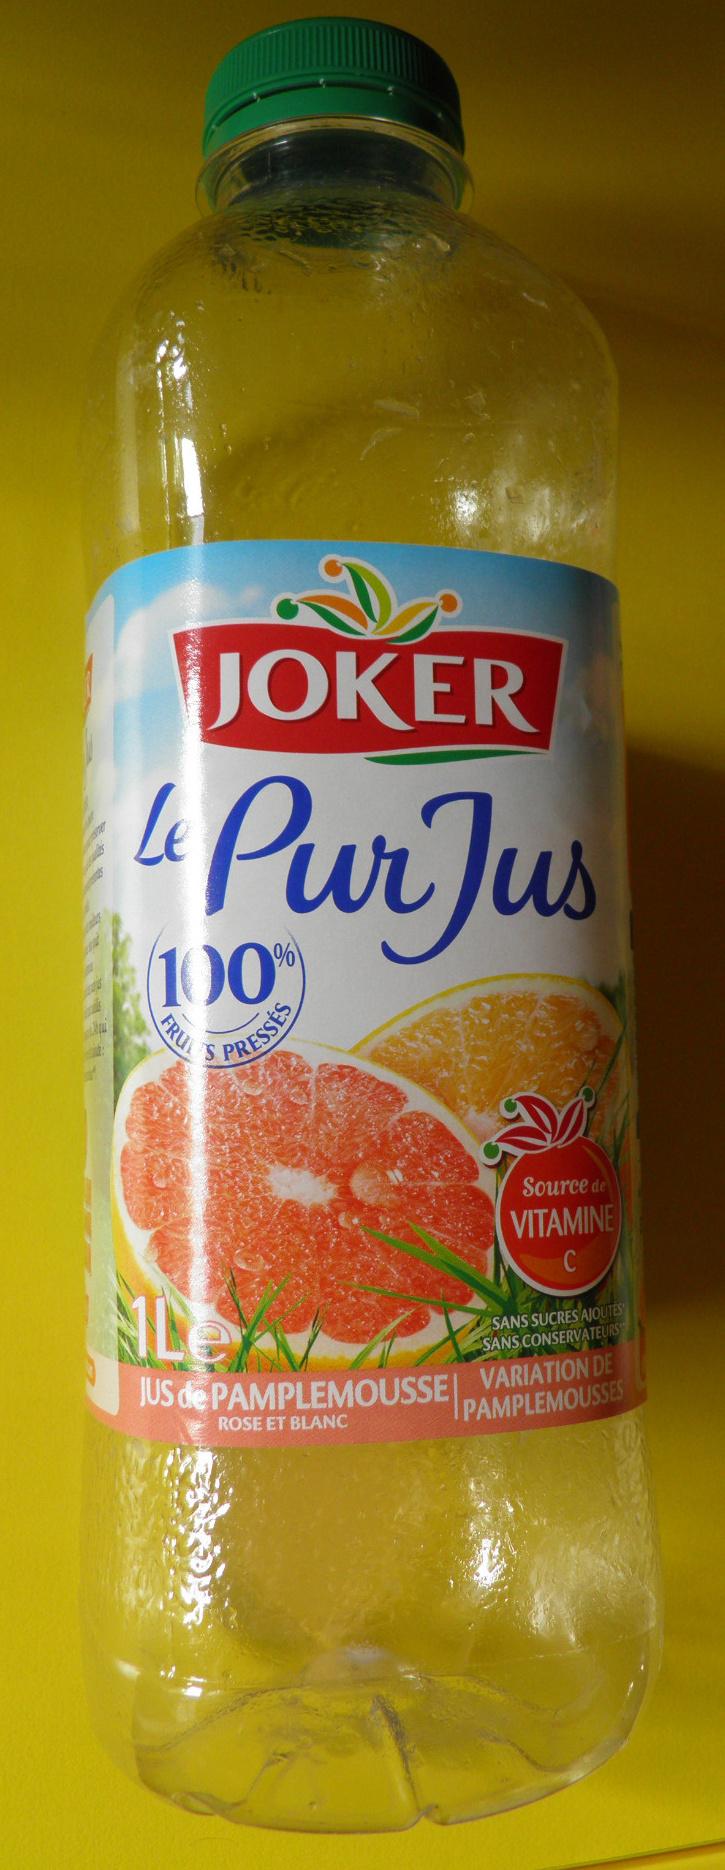 Le Pur Jus Pamplemousse Rose et Blanc Joker - Produit - fr